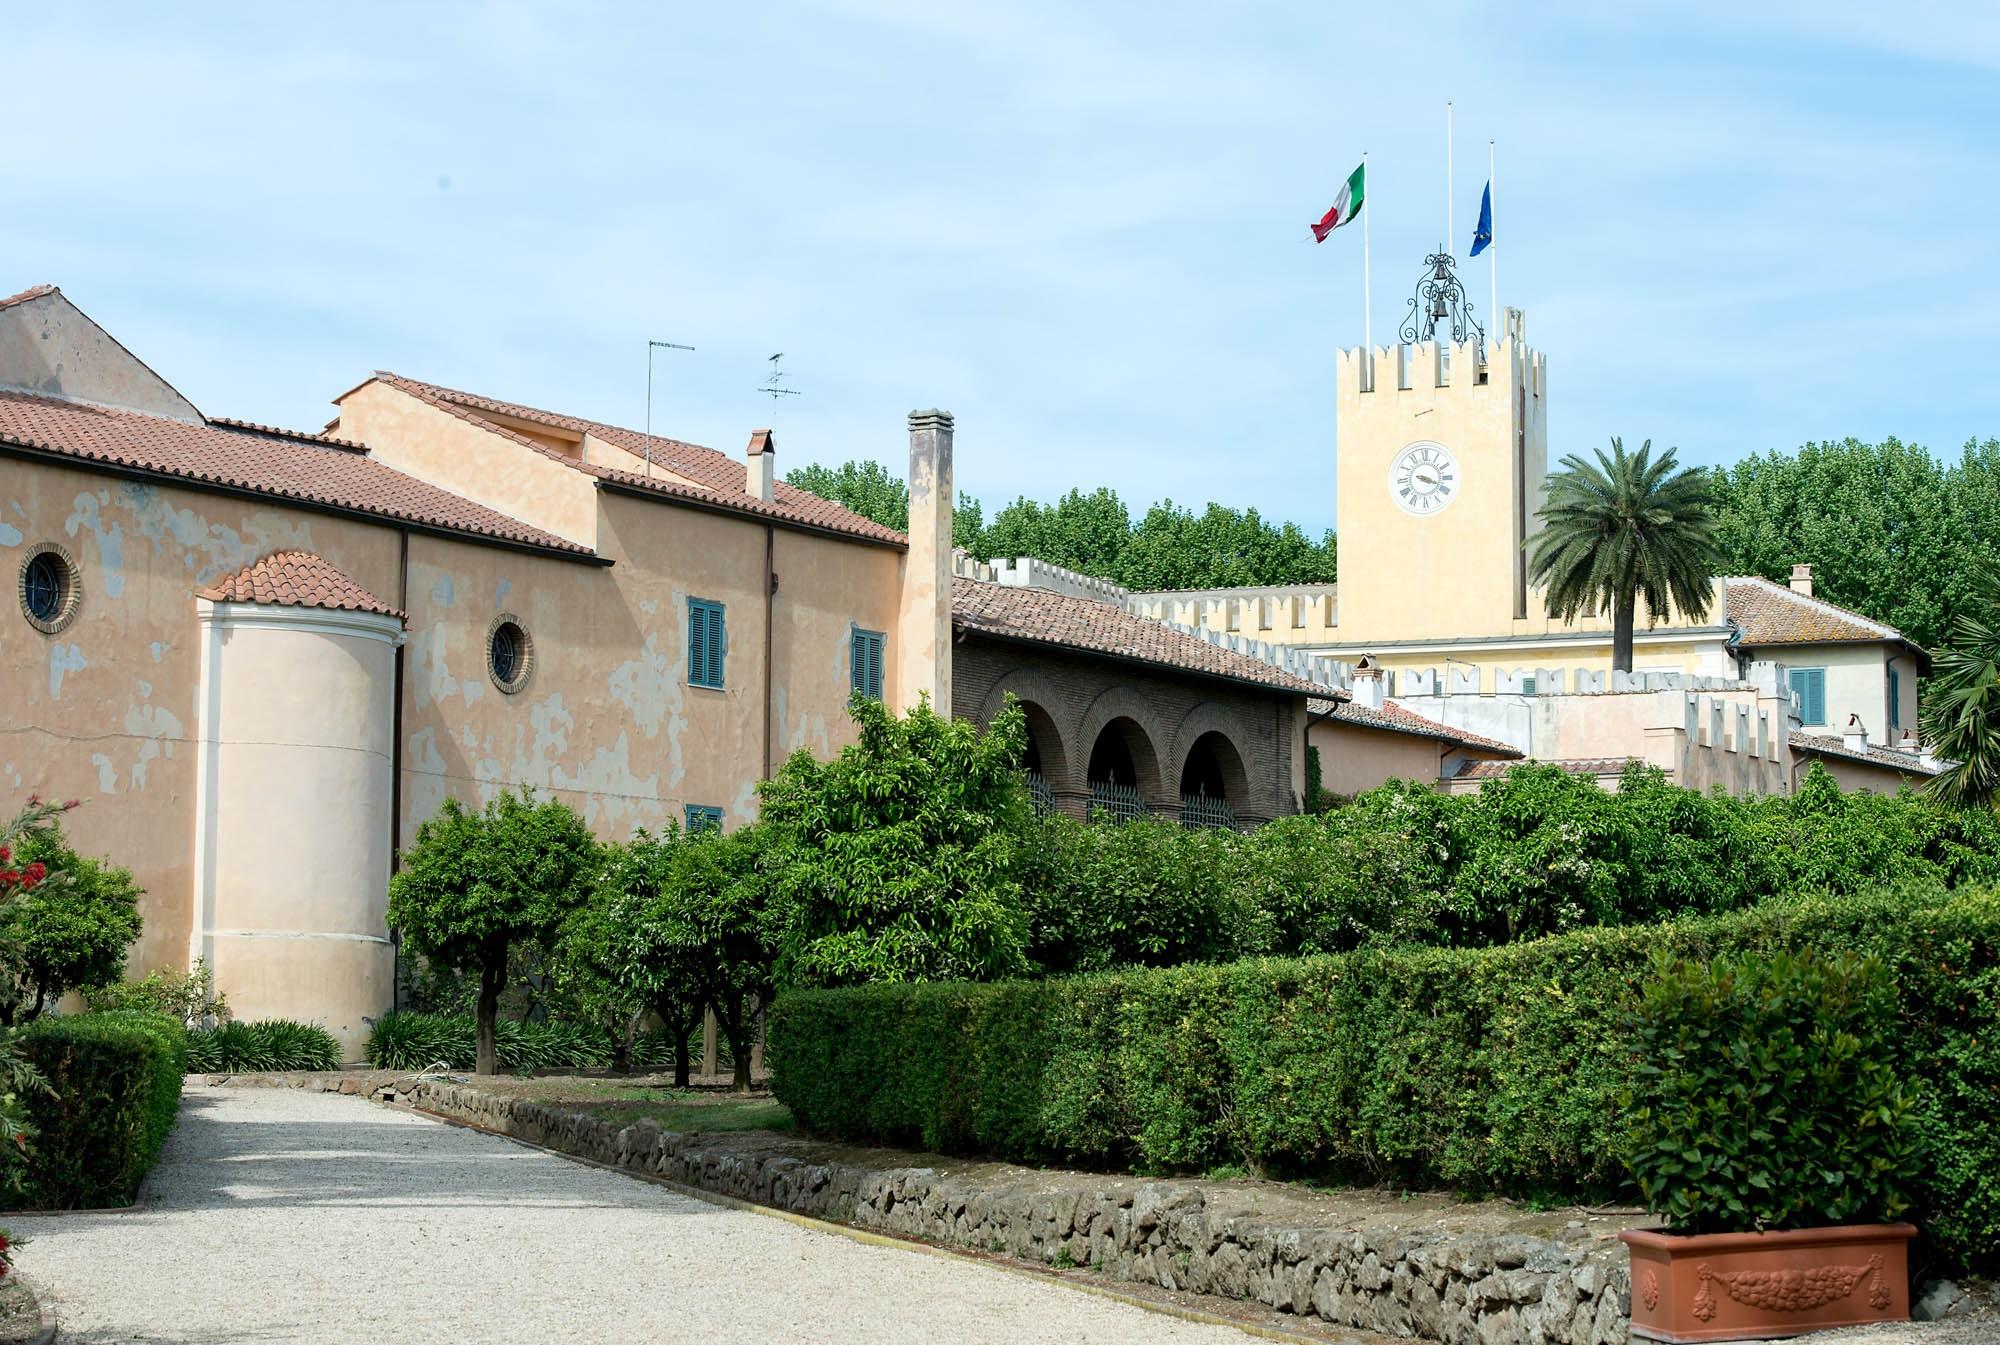 CastelPorziano